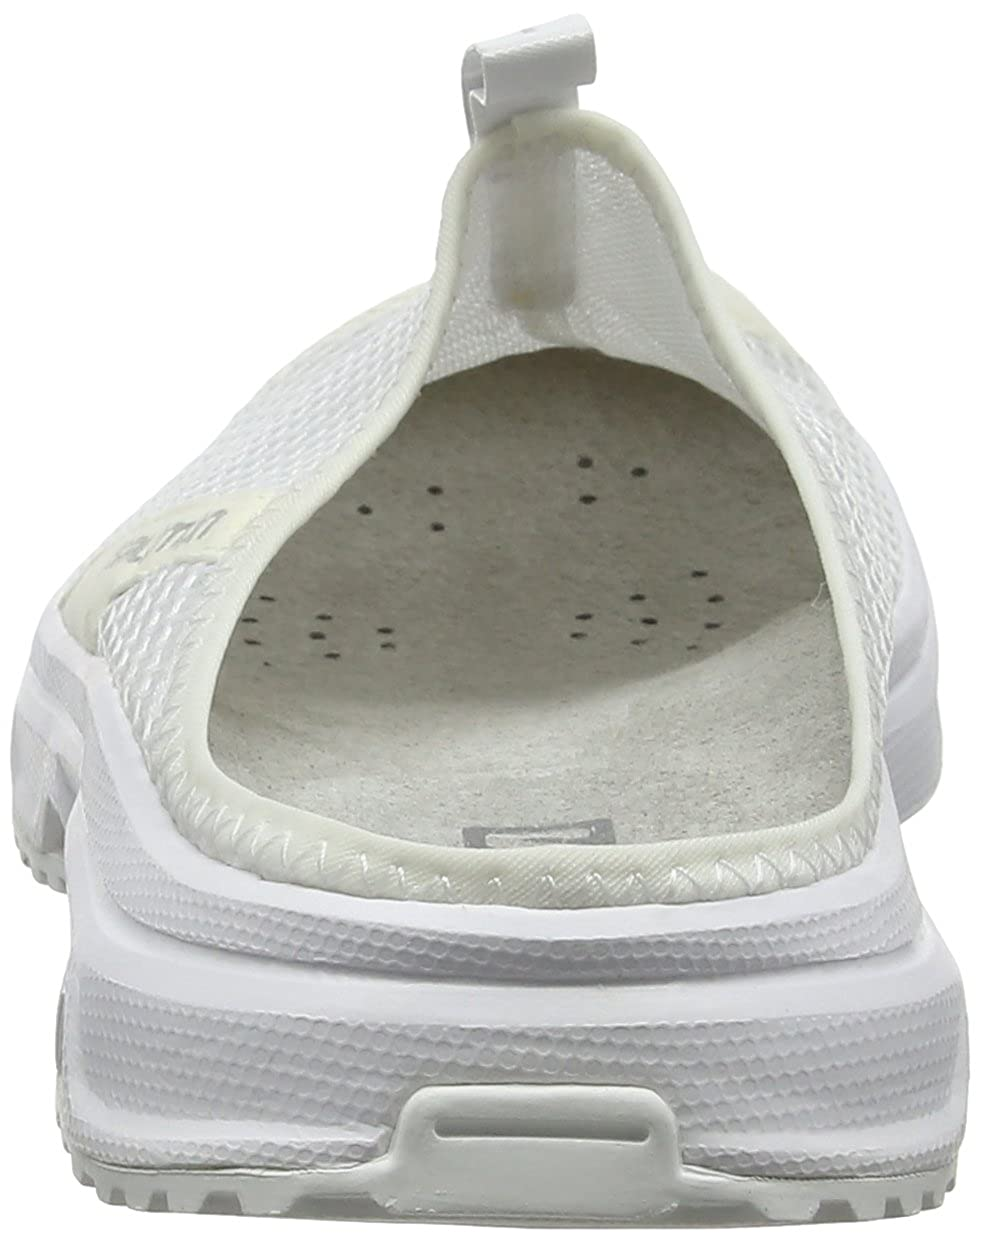 Chaussures de Randonn/ée Basses Mixte Adulte SALOMON RX Slide 3.0